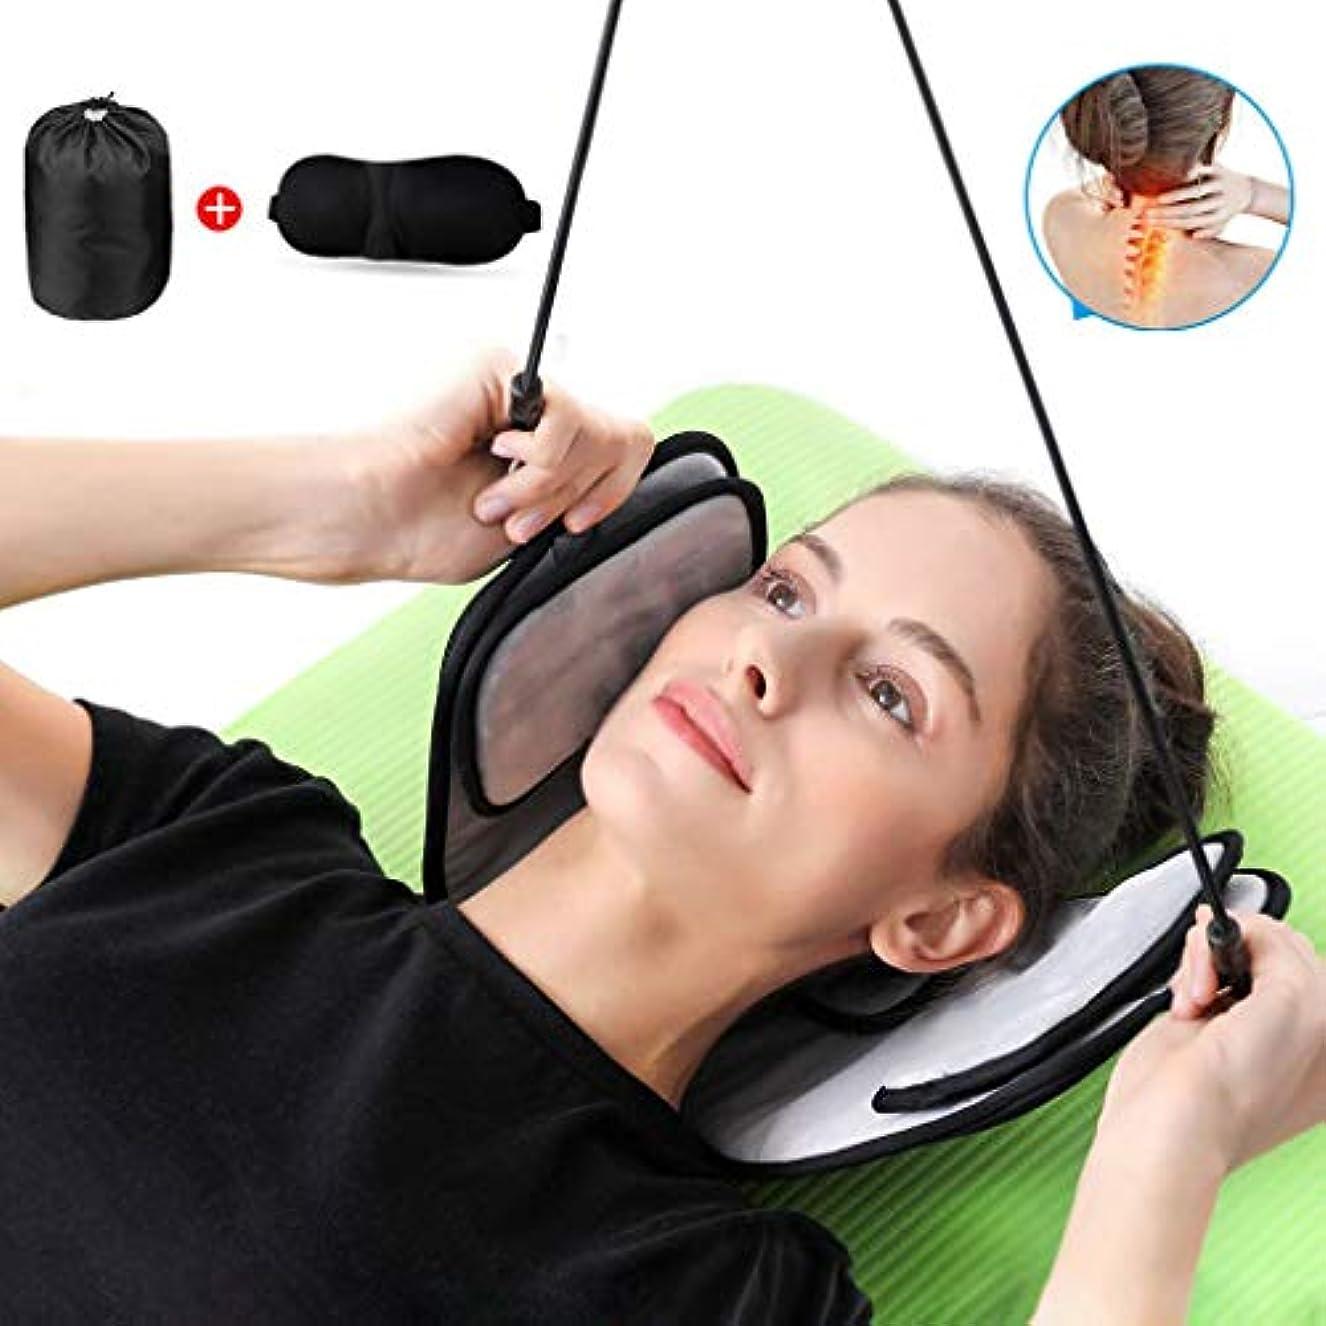 一方、火ネーピア首、肩の痛みを和らげるためのハンモックネック、携帯型頸部牽引およびストレッチャー装置、厚くて丈夫な縫合糸ゴムバンド、ヘッドハンモック